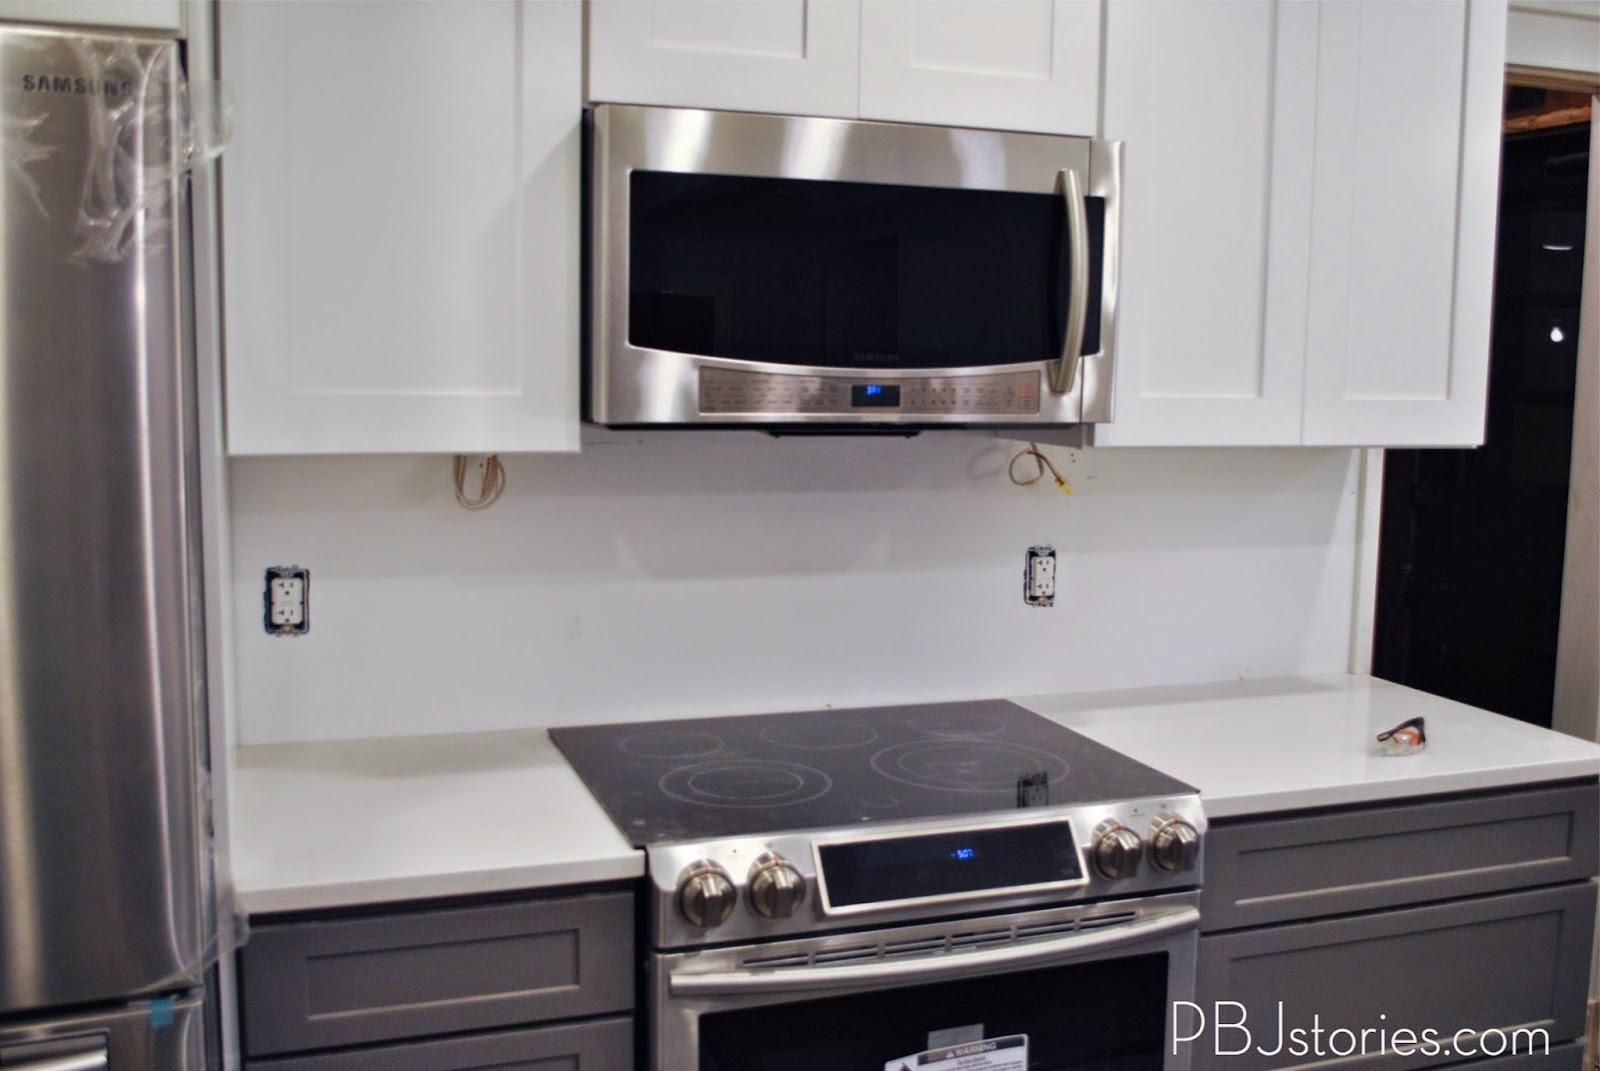 - PBJstories: Installing Subway Tile For Kitchen Backsplash